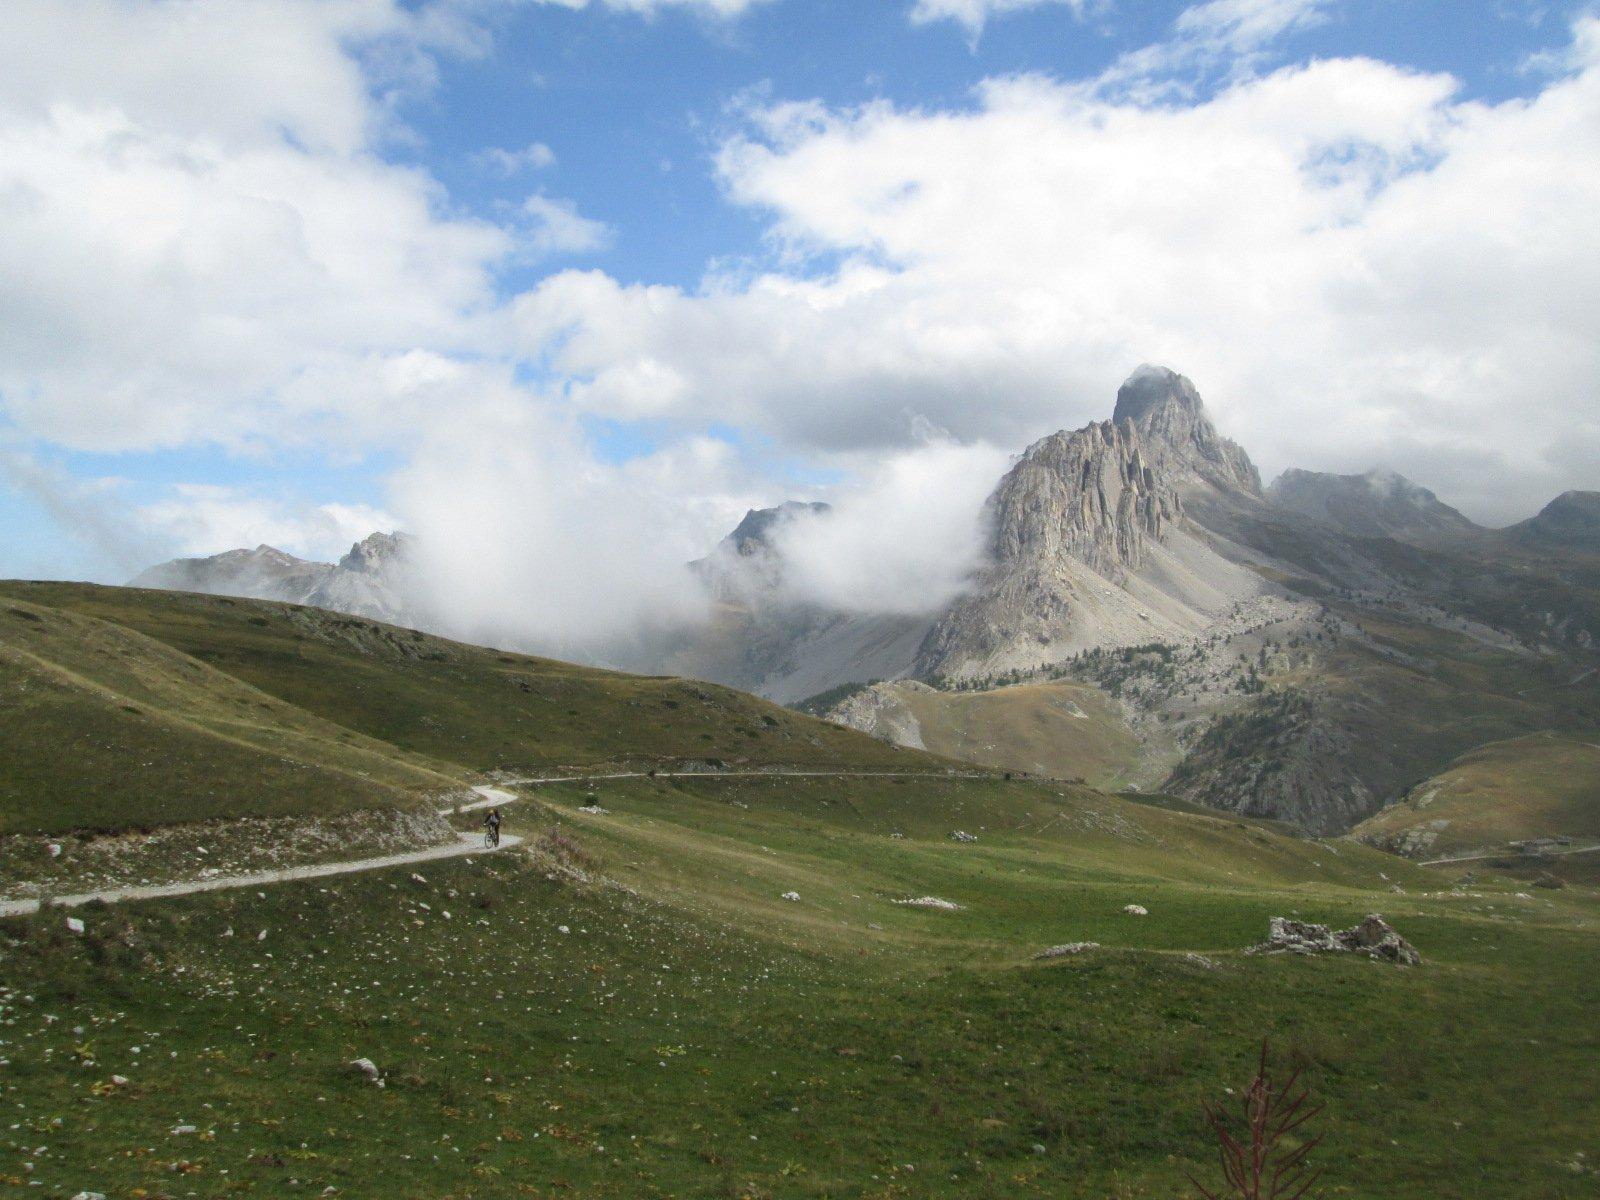 verso il Passo Gardetta con la Meja sullo sfondo...